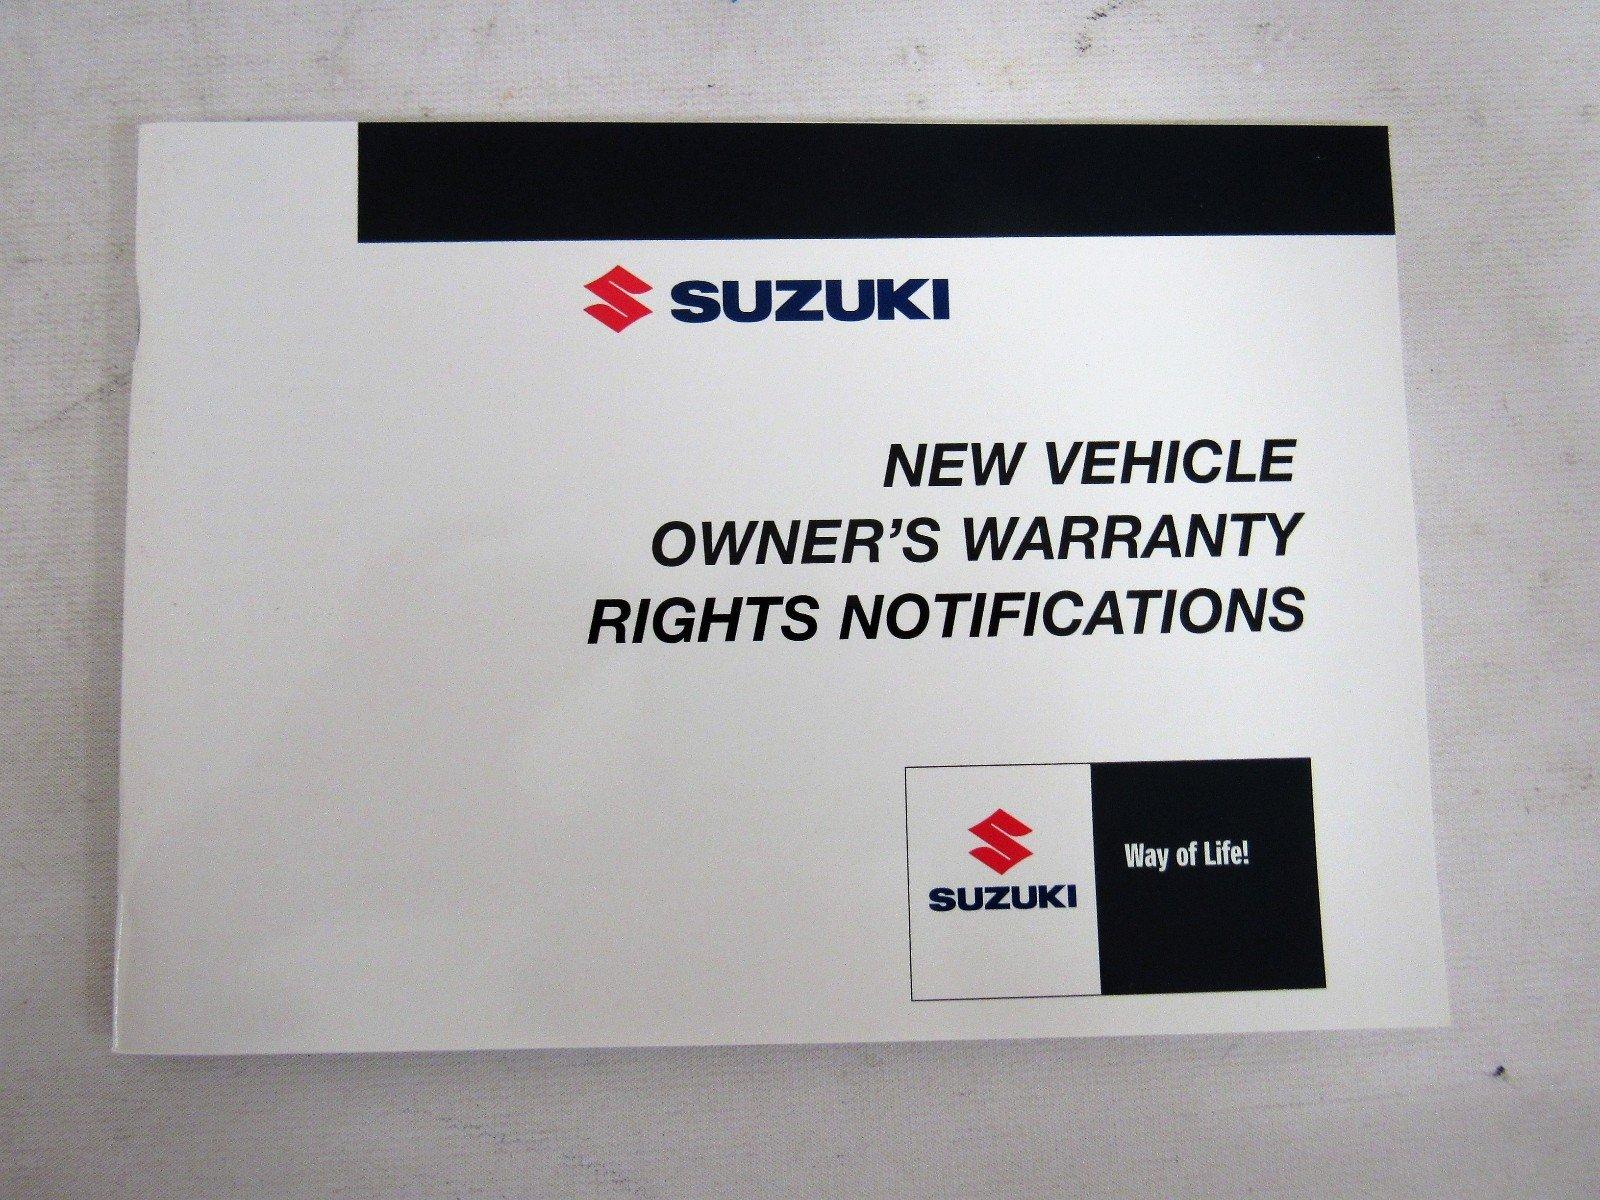 2012 suzuki sx4 owners manual guide book suzuki amazon com books rh amazon com owners manual suzuki sx4 owners manual 2009 suzuki sx4